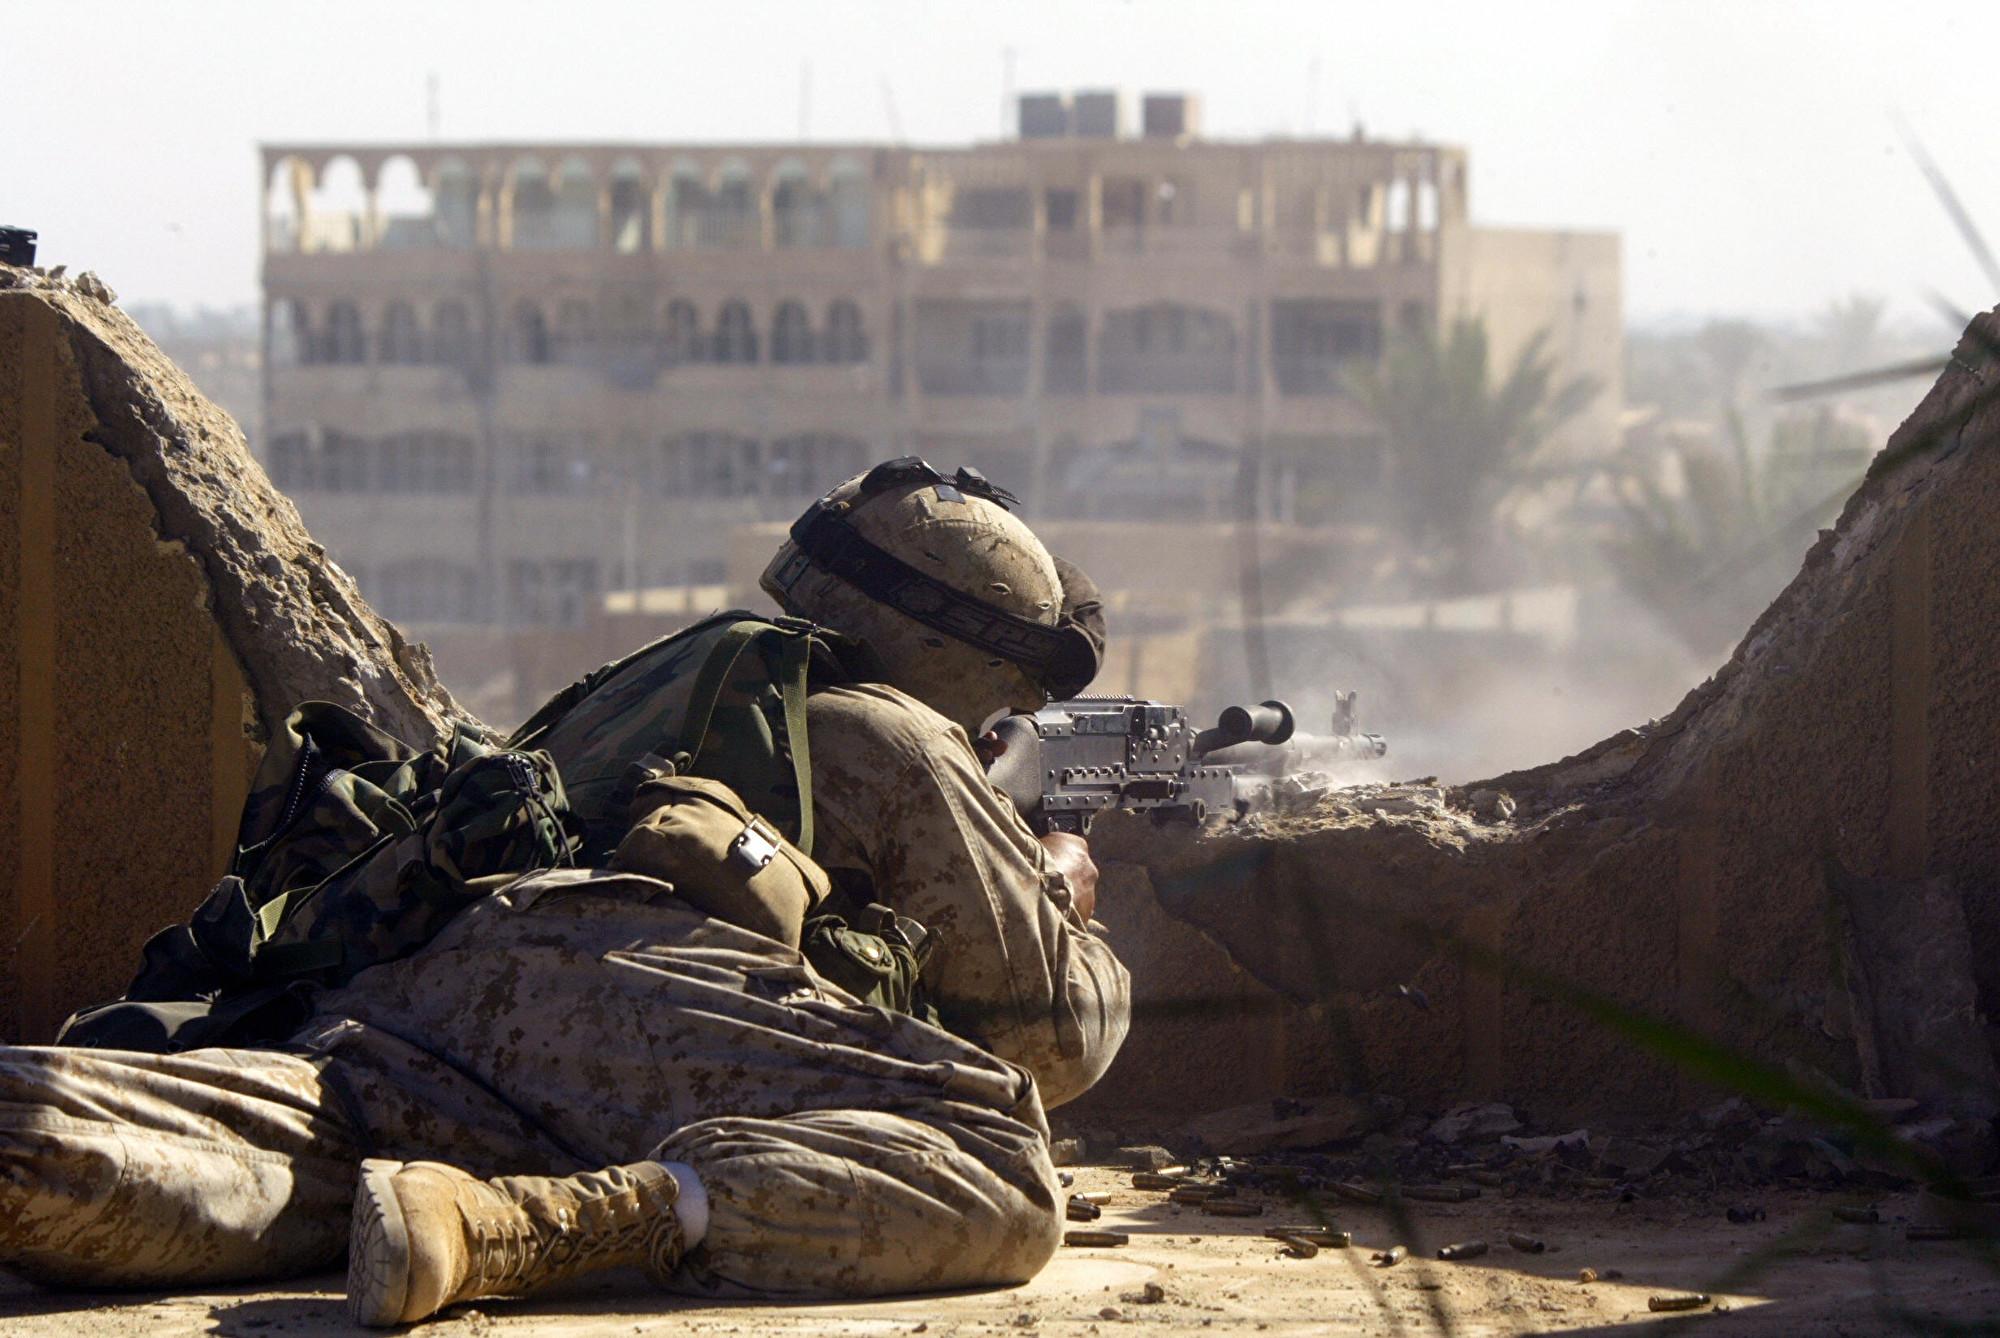 傳美軍將升級技術 讓士兵「透視」整個戰場